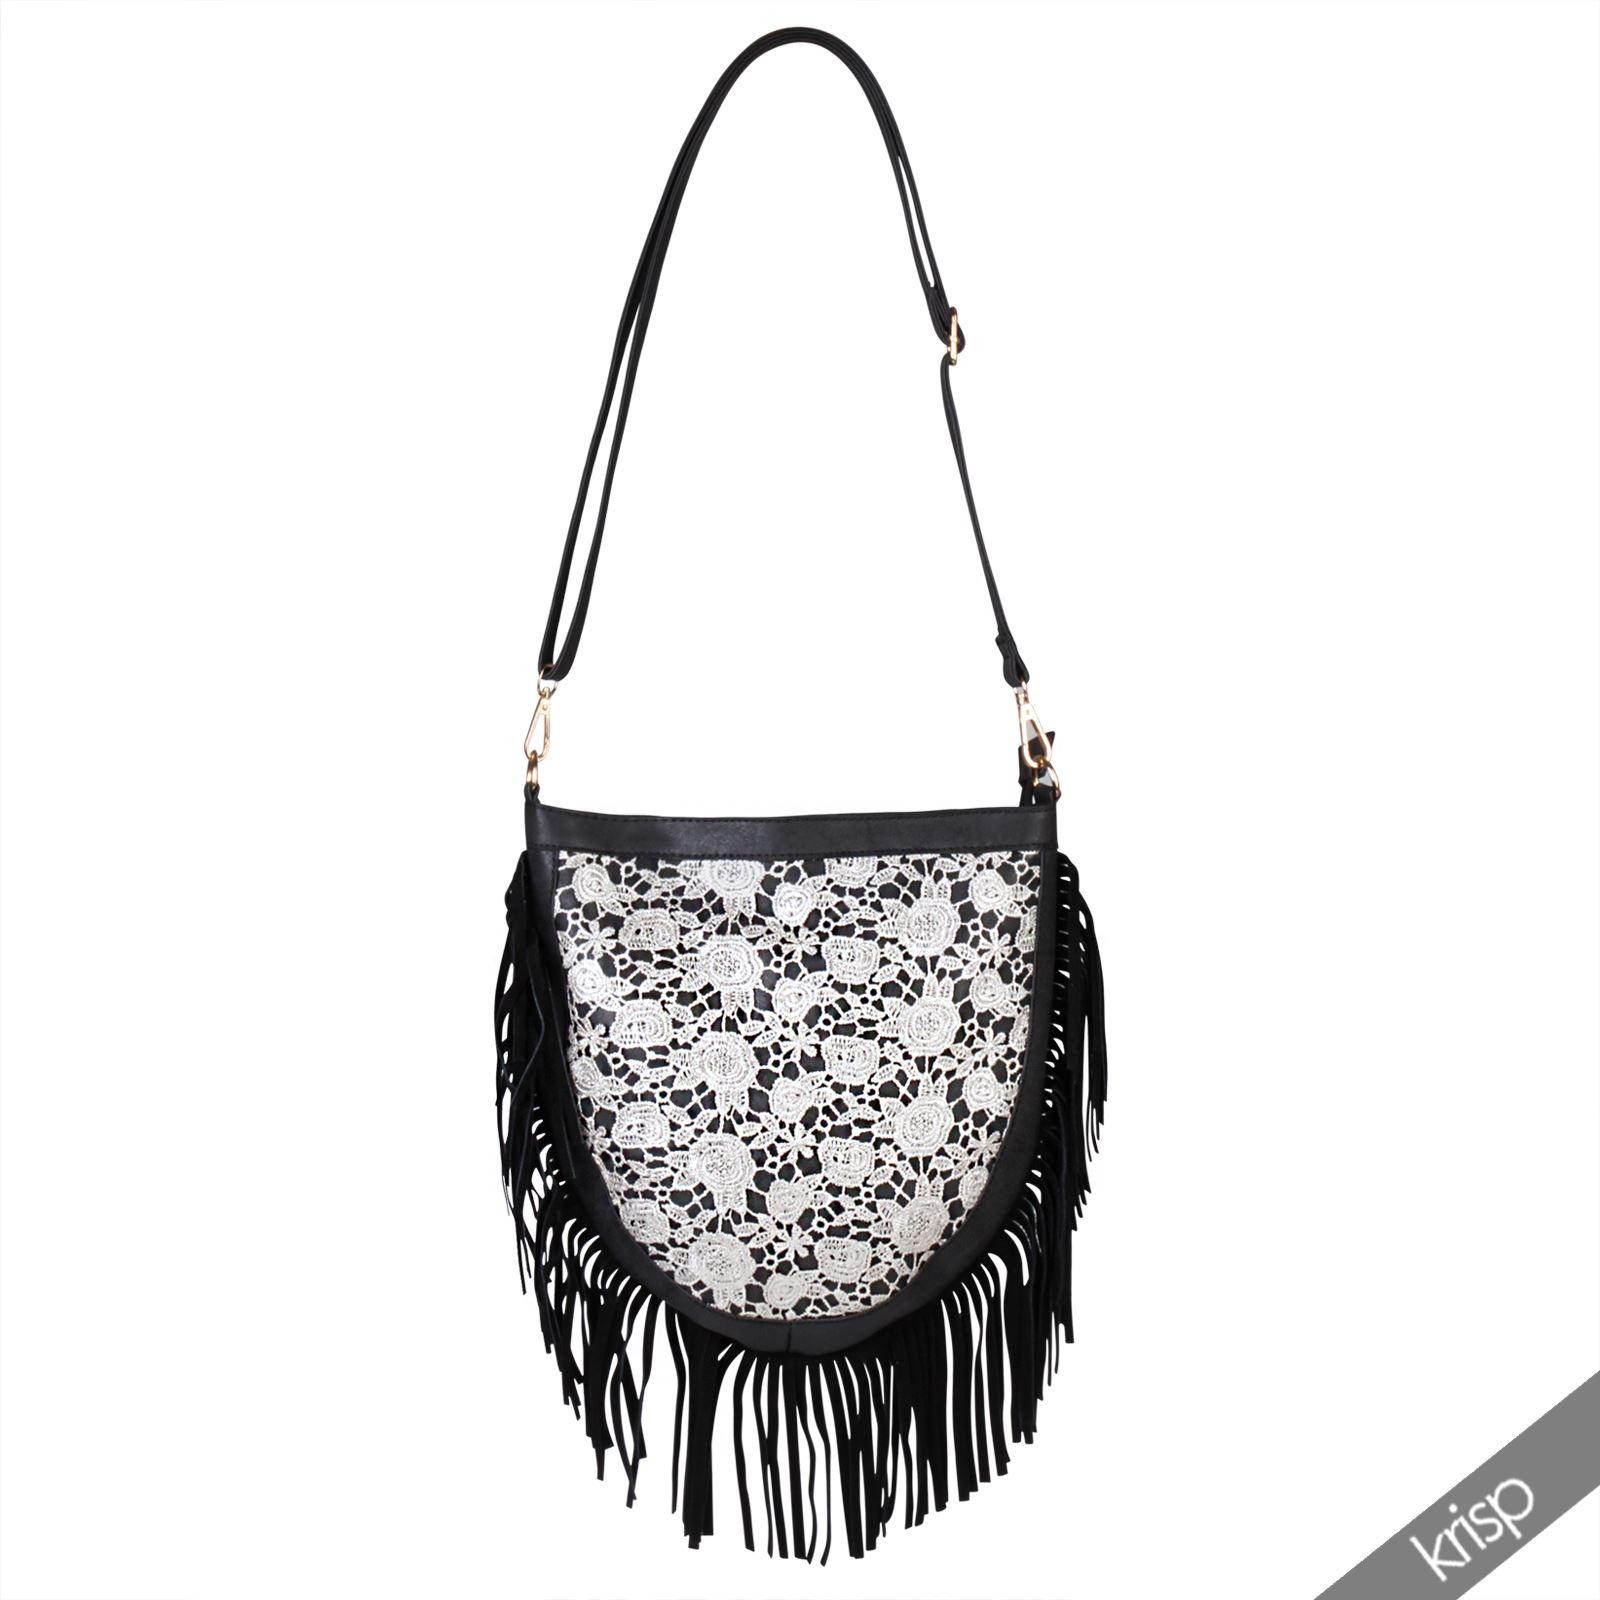 Crochet Tassel Bag : ... Silver-Crochet-Boho-Fringe-Tassel-Shoulder-Messenger-Hand-Bag-Festival